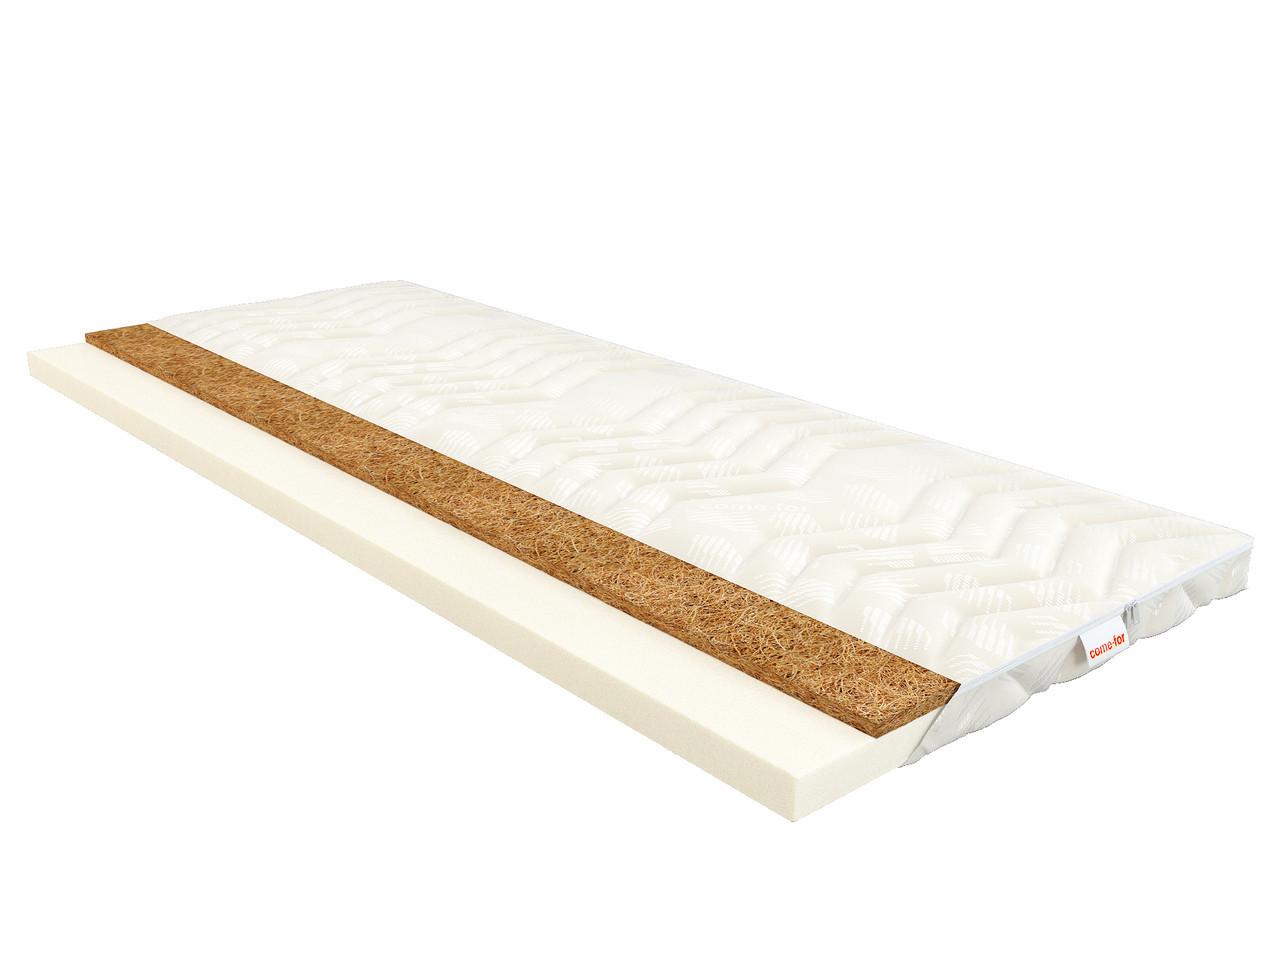 Тонкий ортопедический матрас (футон) Тайм  (для диванов и кроватей) топпер